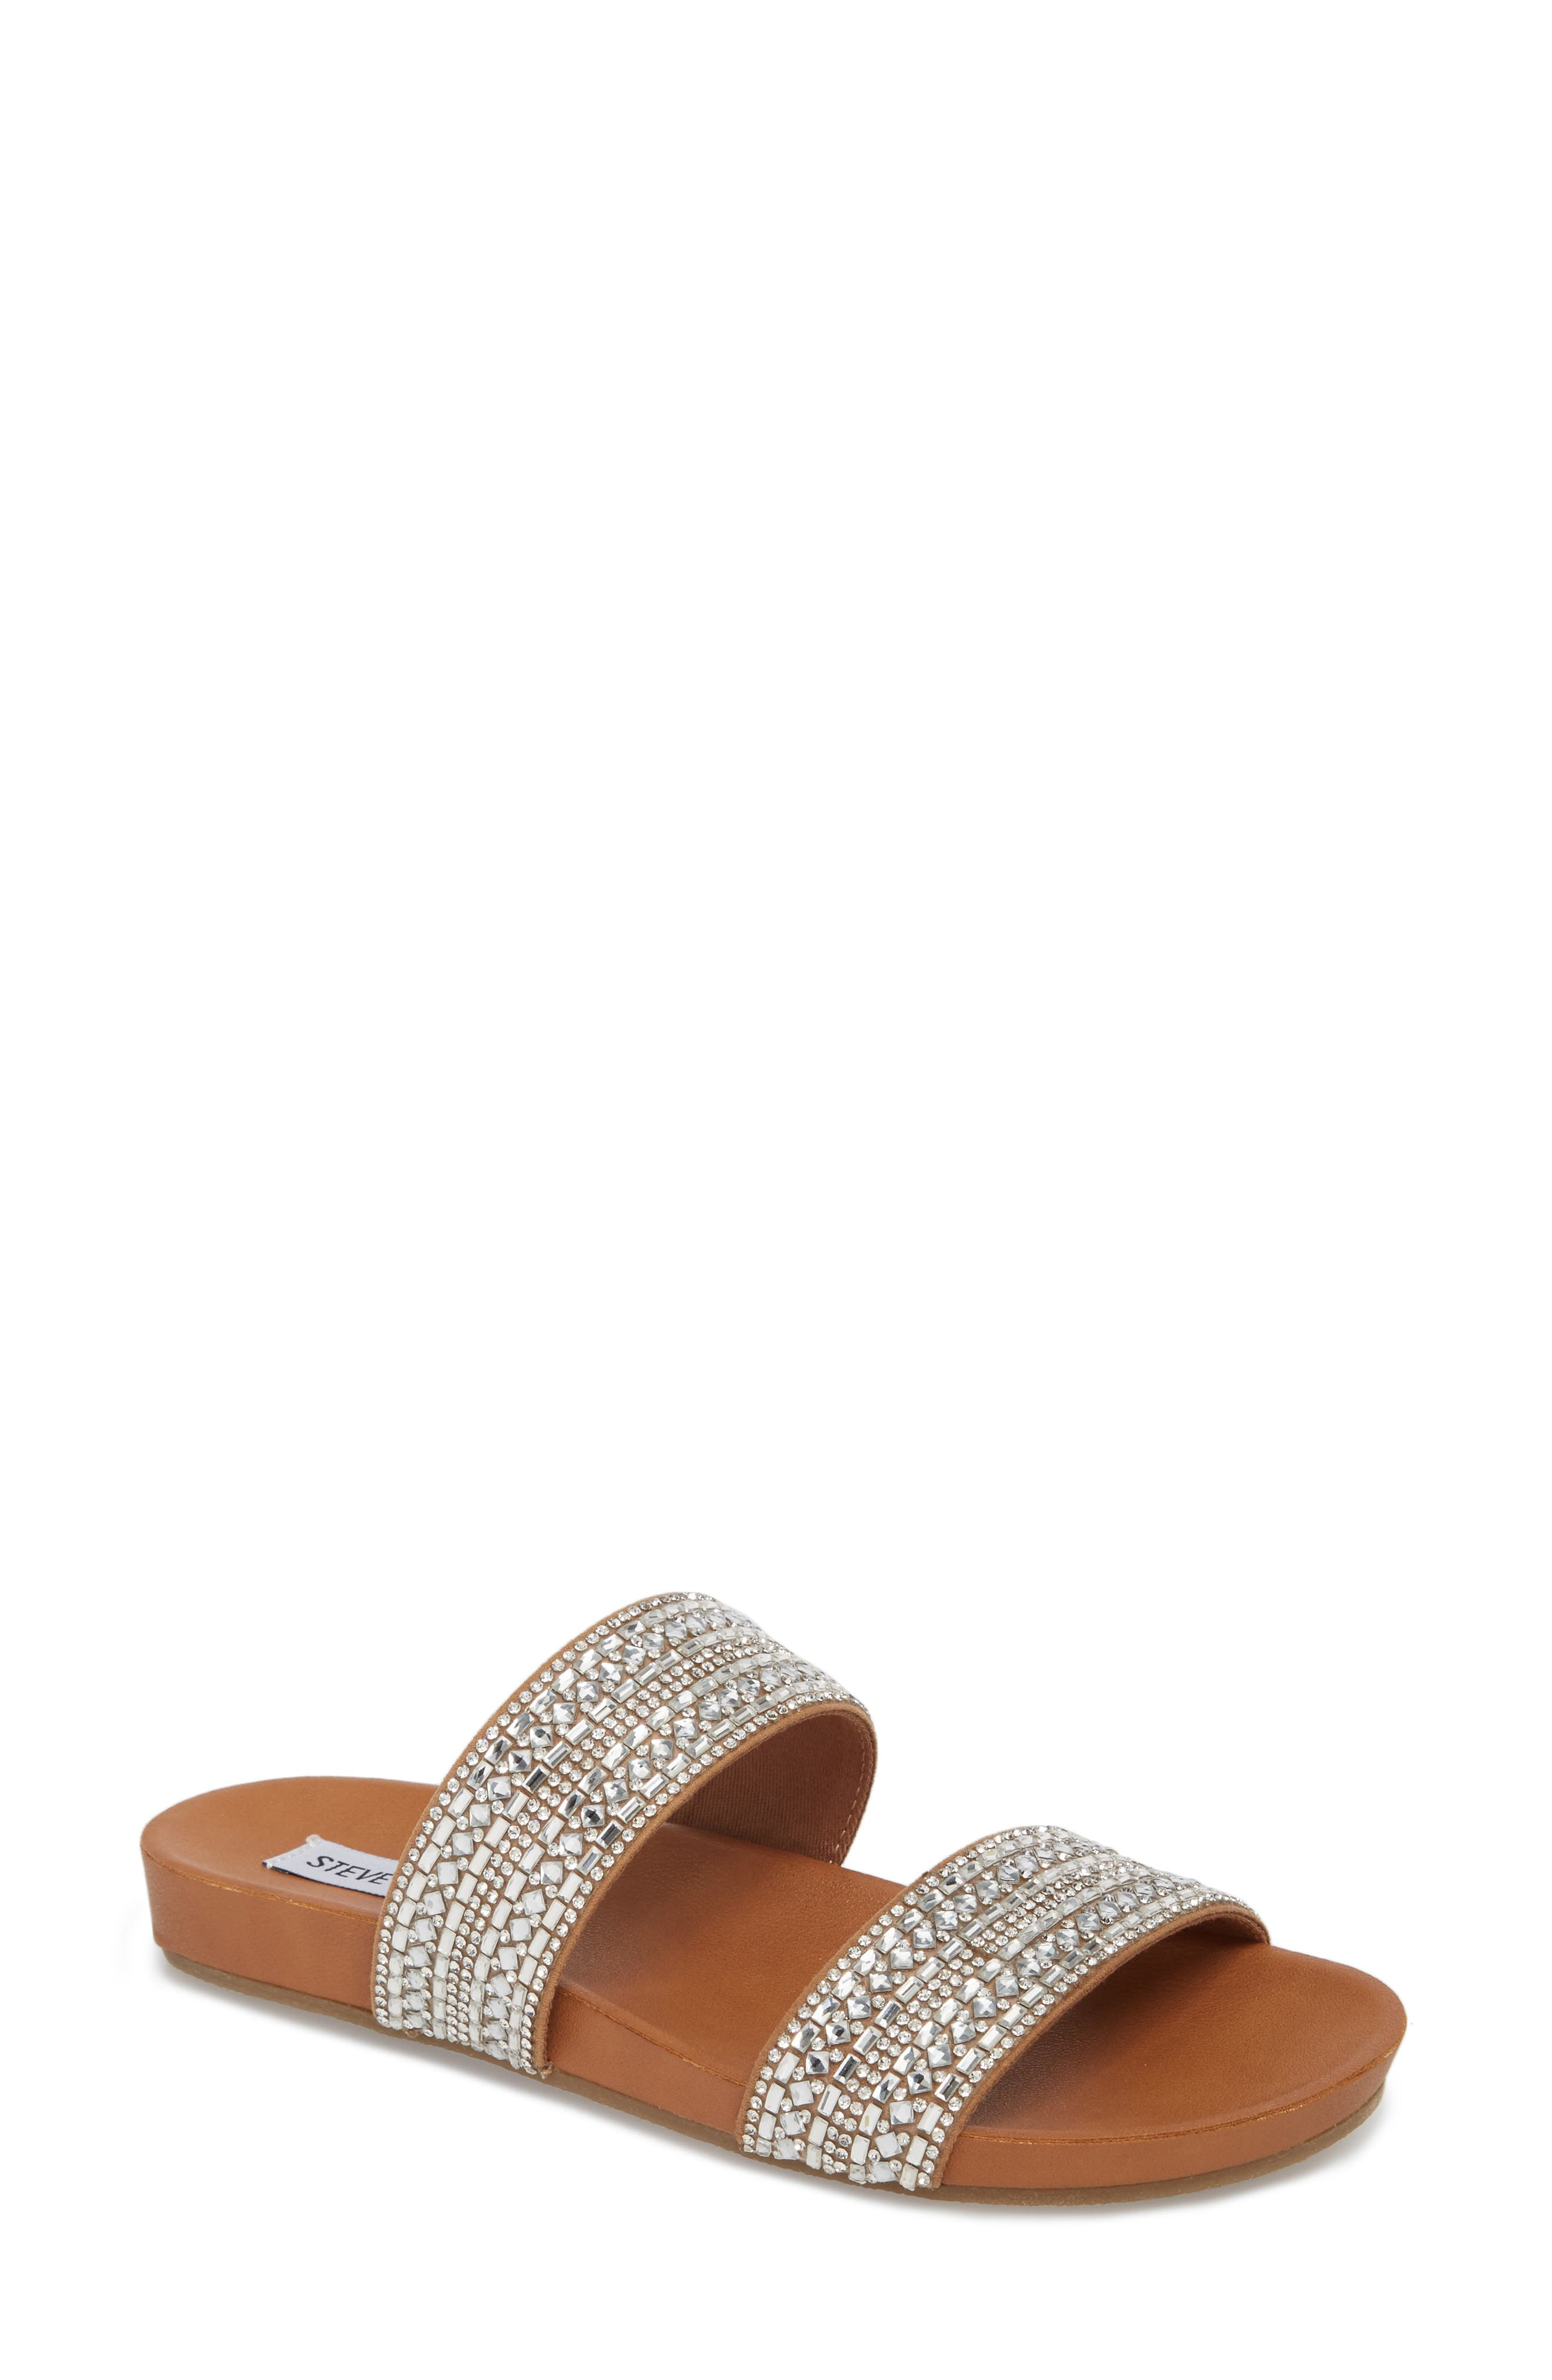 Dynamo Embellished Slide Sandal,                         Main,                         color, 040